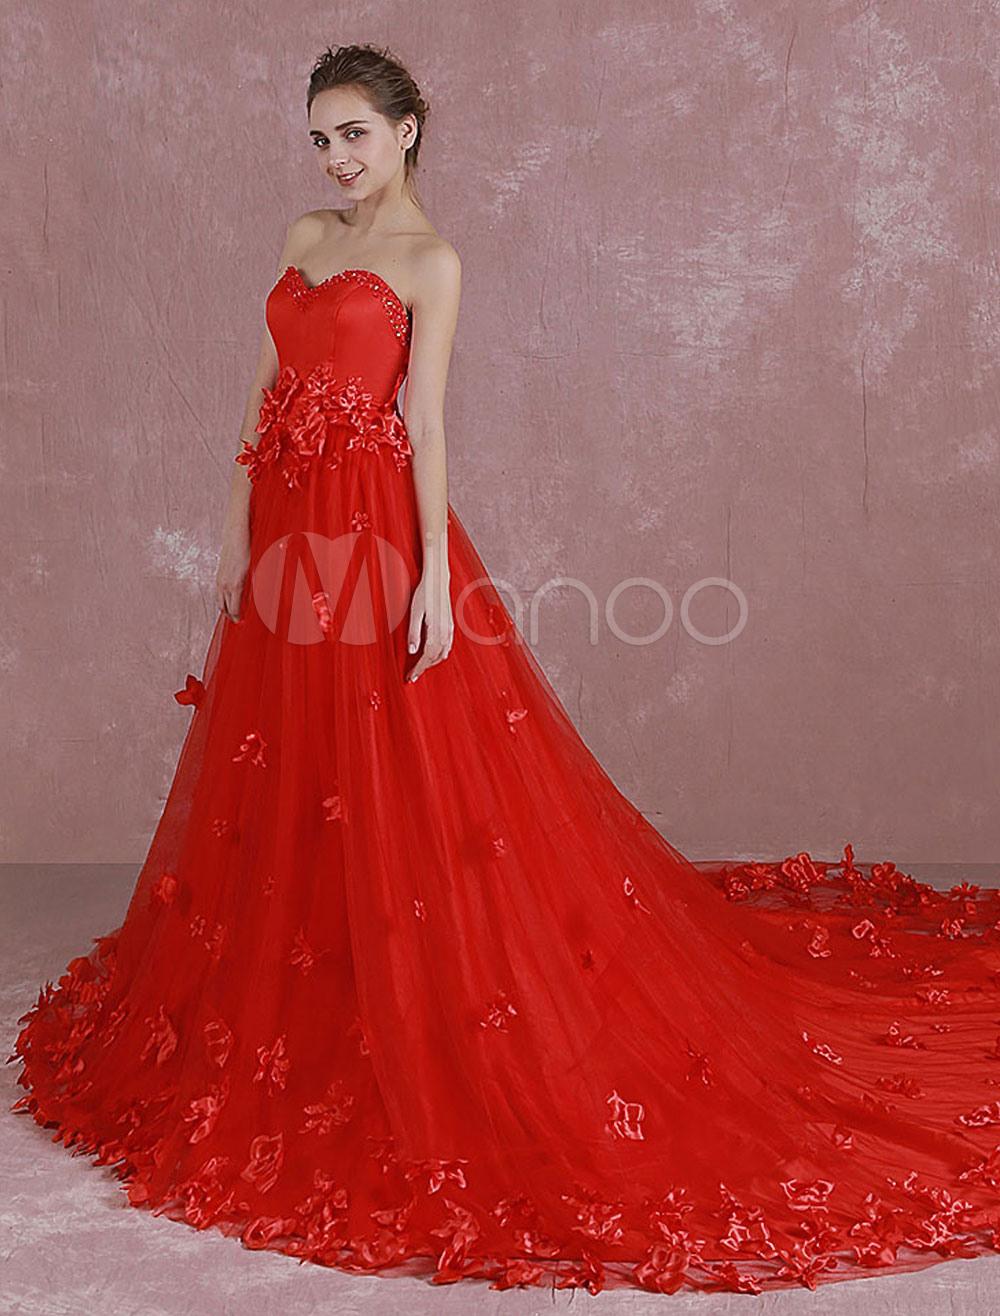 Rote Hochzeit Kleid Sweetheart Trägerlosen Pailletten